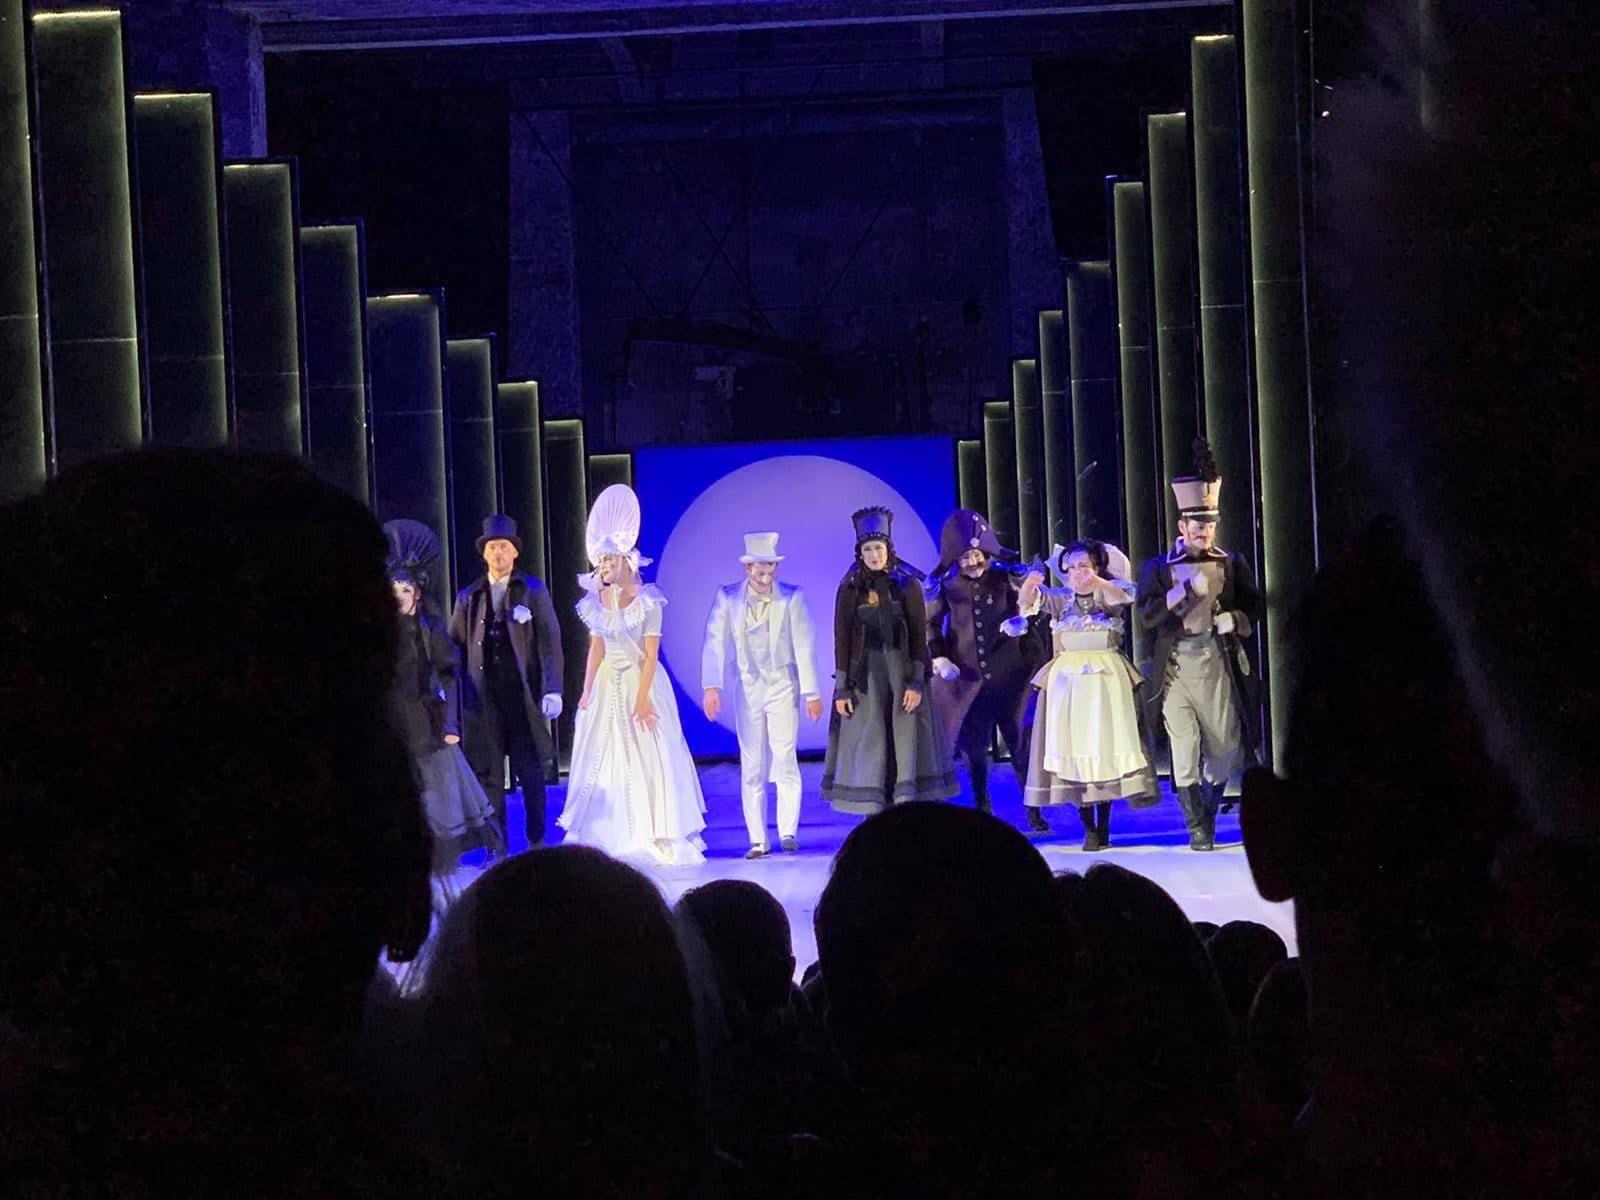 """Oriģināla teātra izrāde """"Precības"""" Liepājas teātrī"""